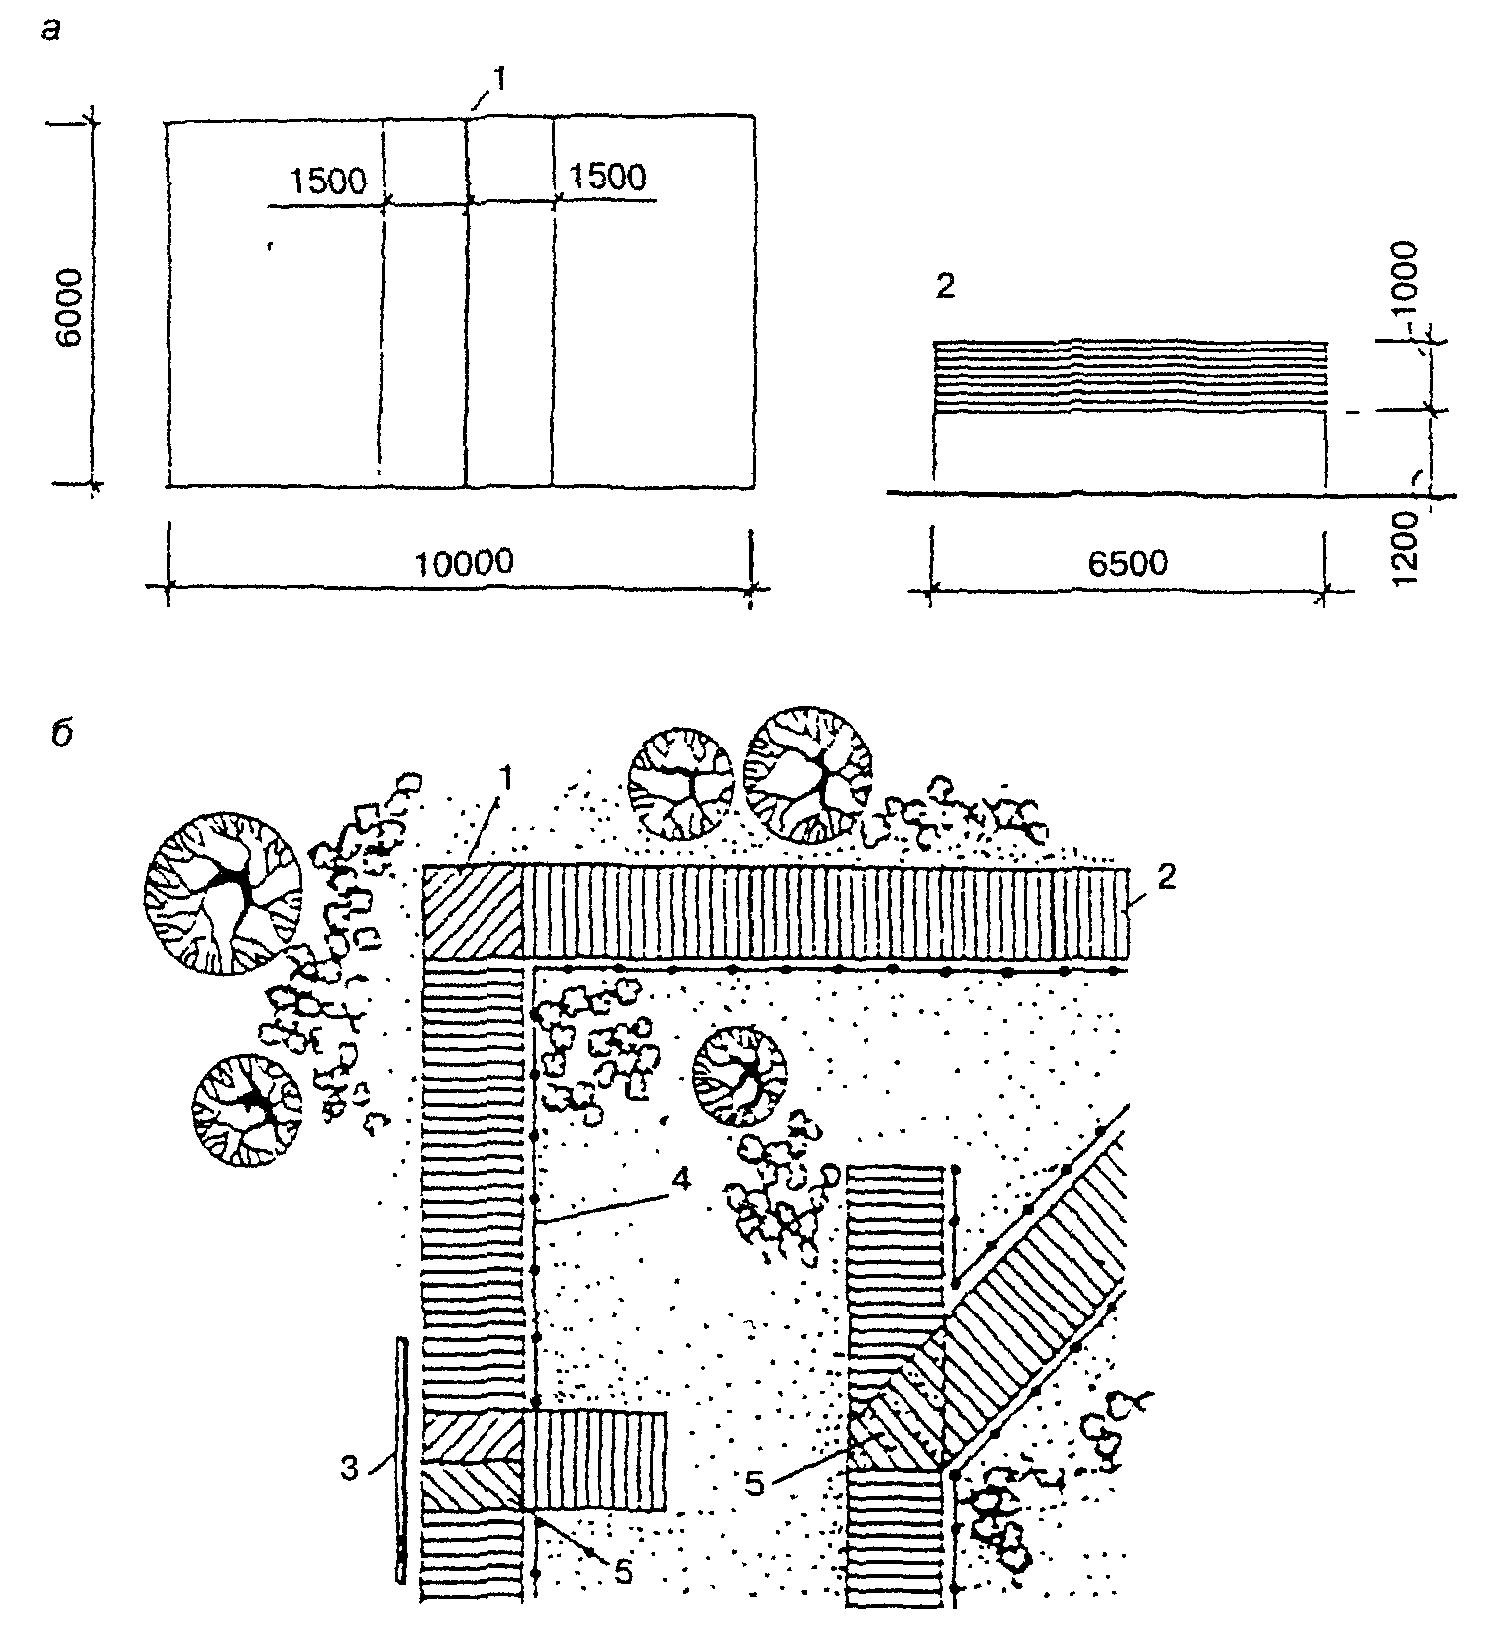 схема-рисунок строительной площадки